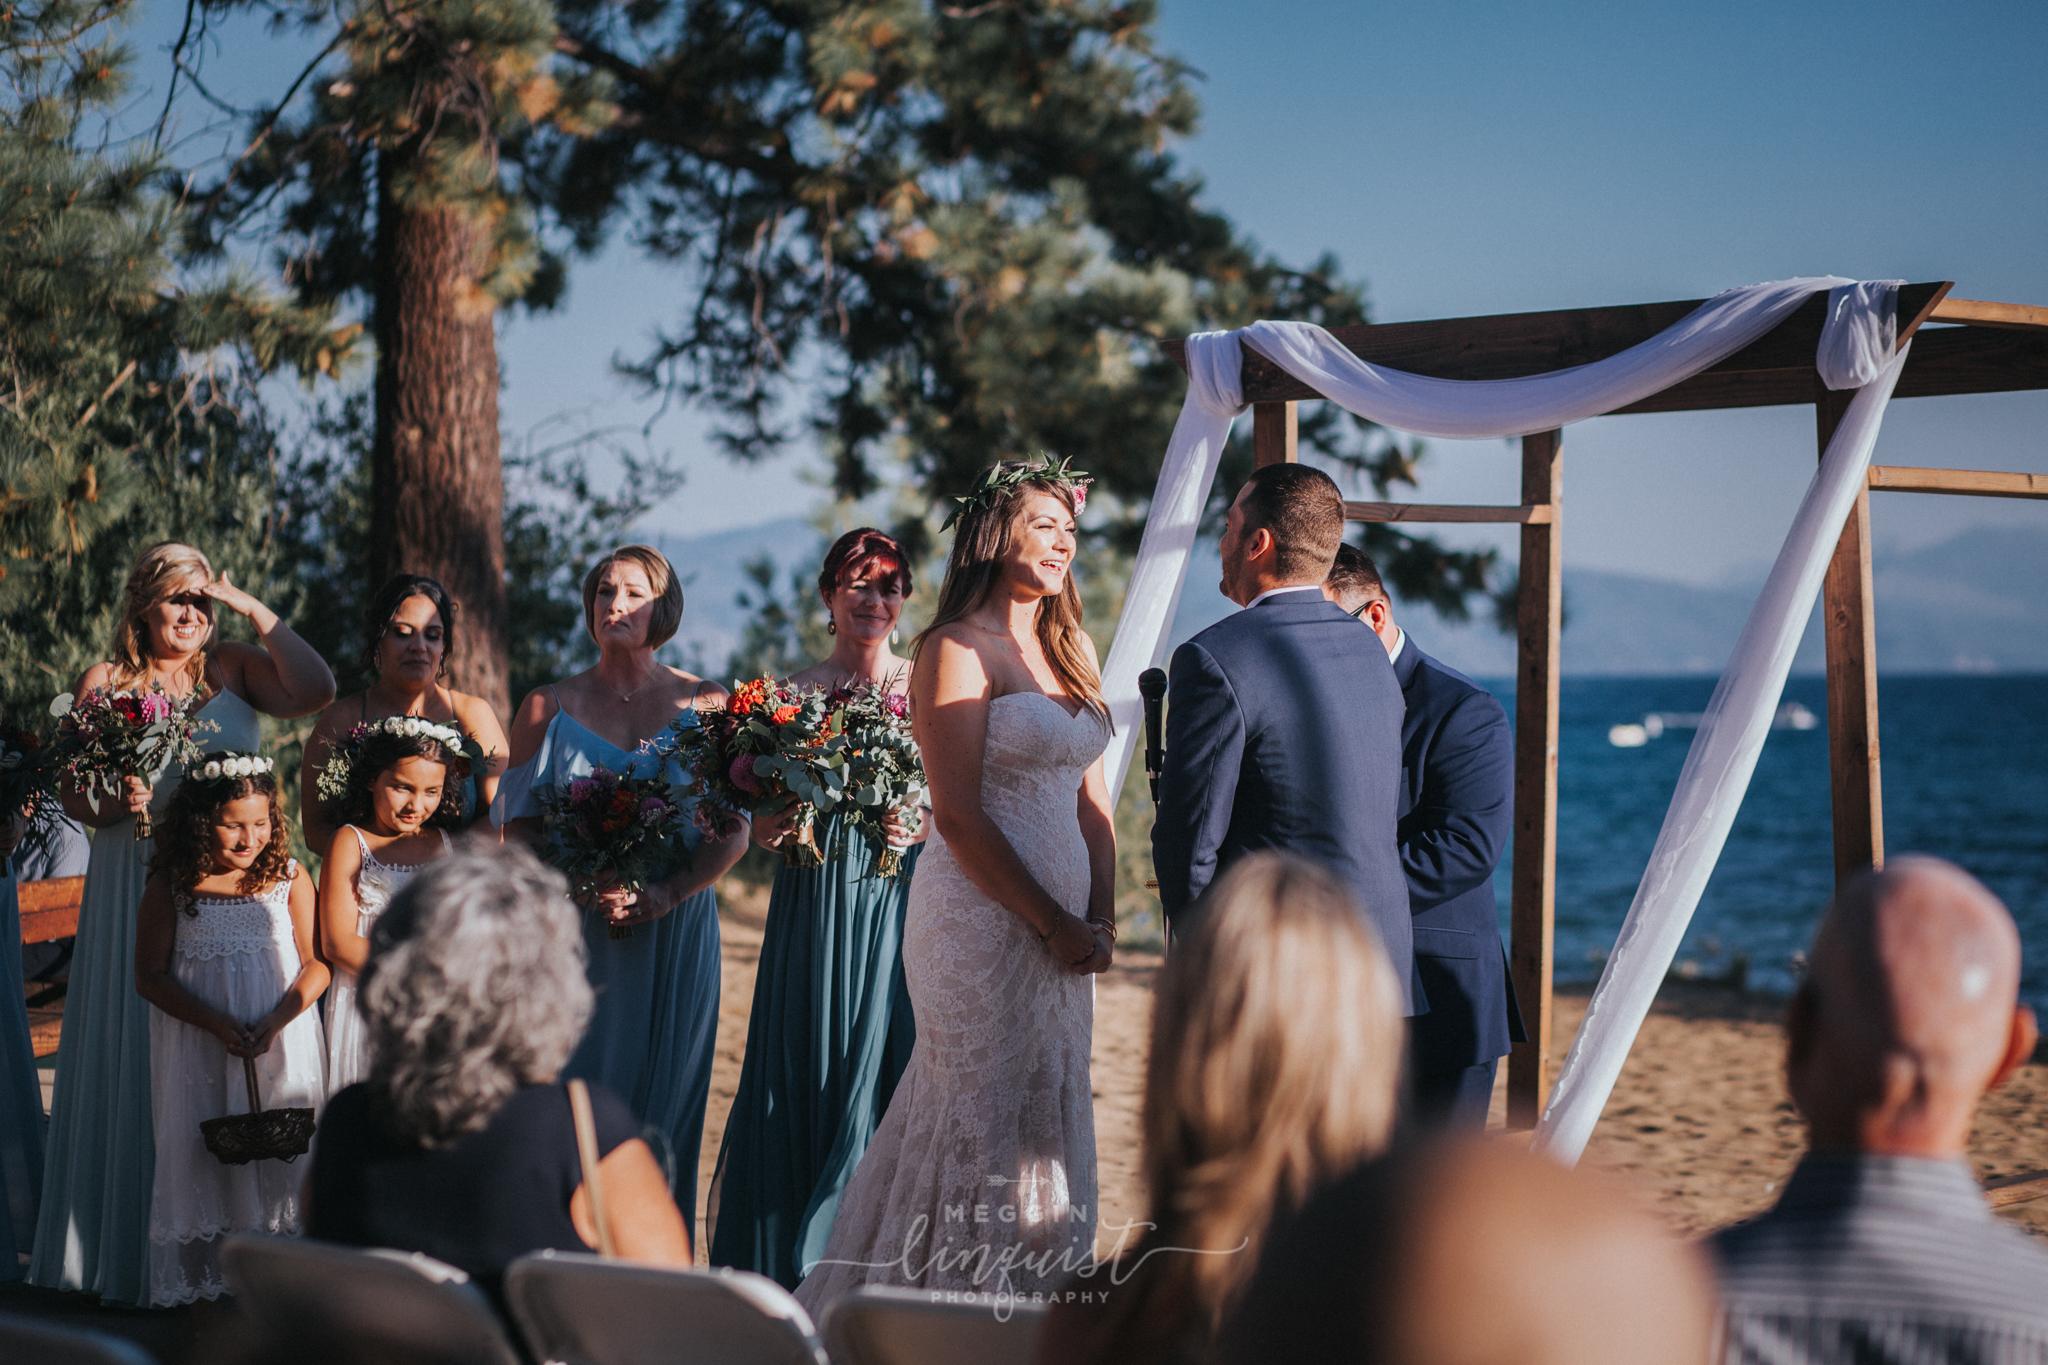 bohemian-style-lake-wedding-reno-lake-tahoe-wedding-photographer-15.jpg